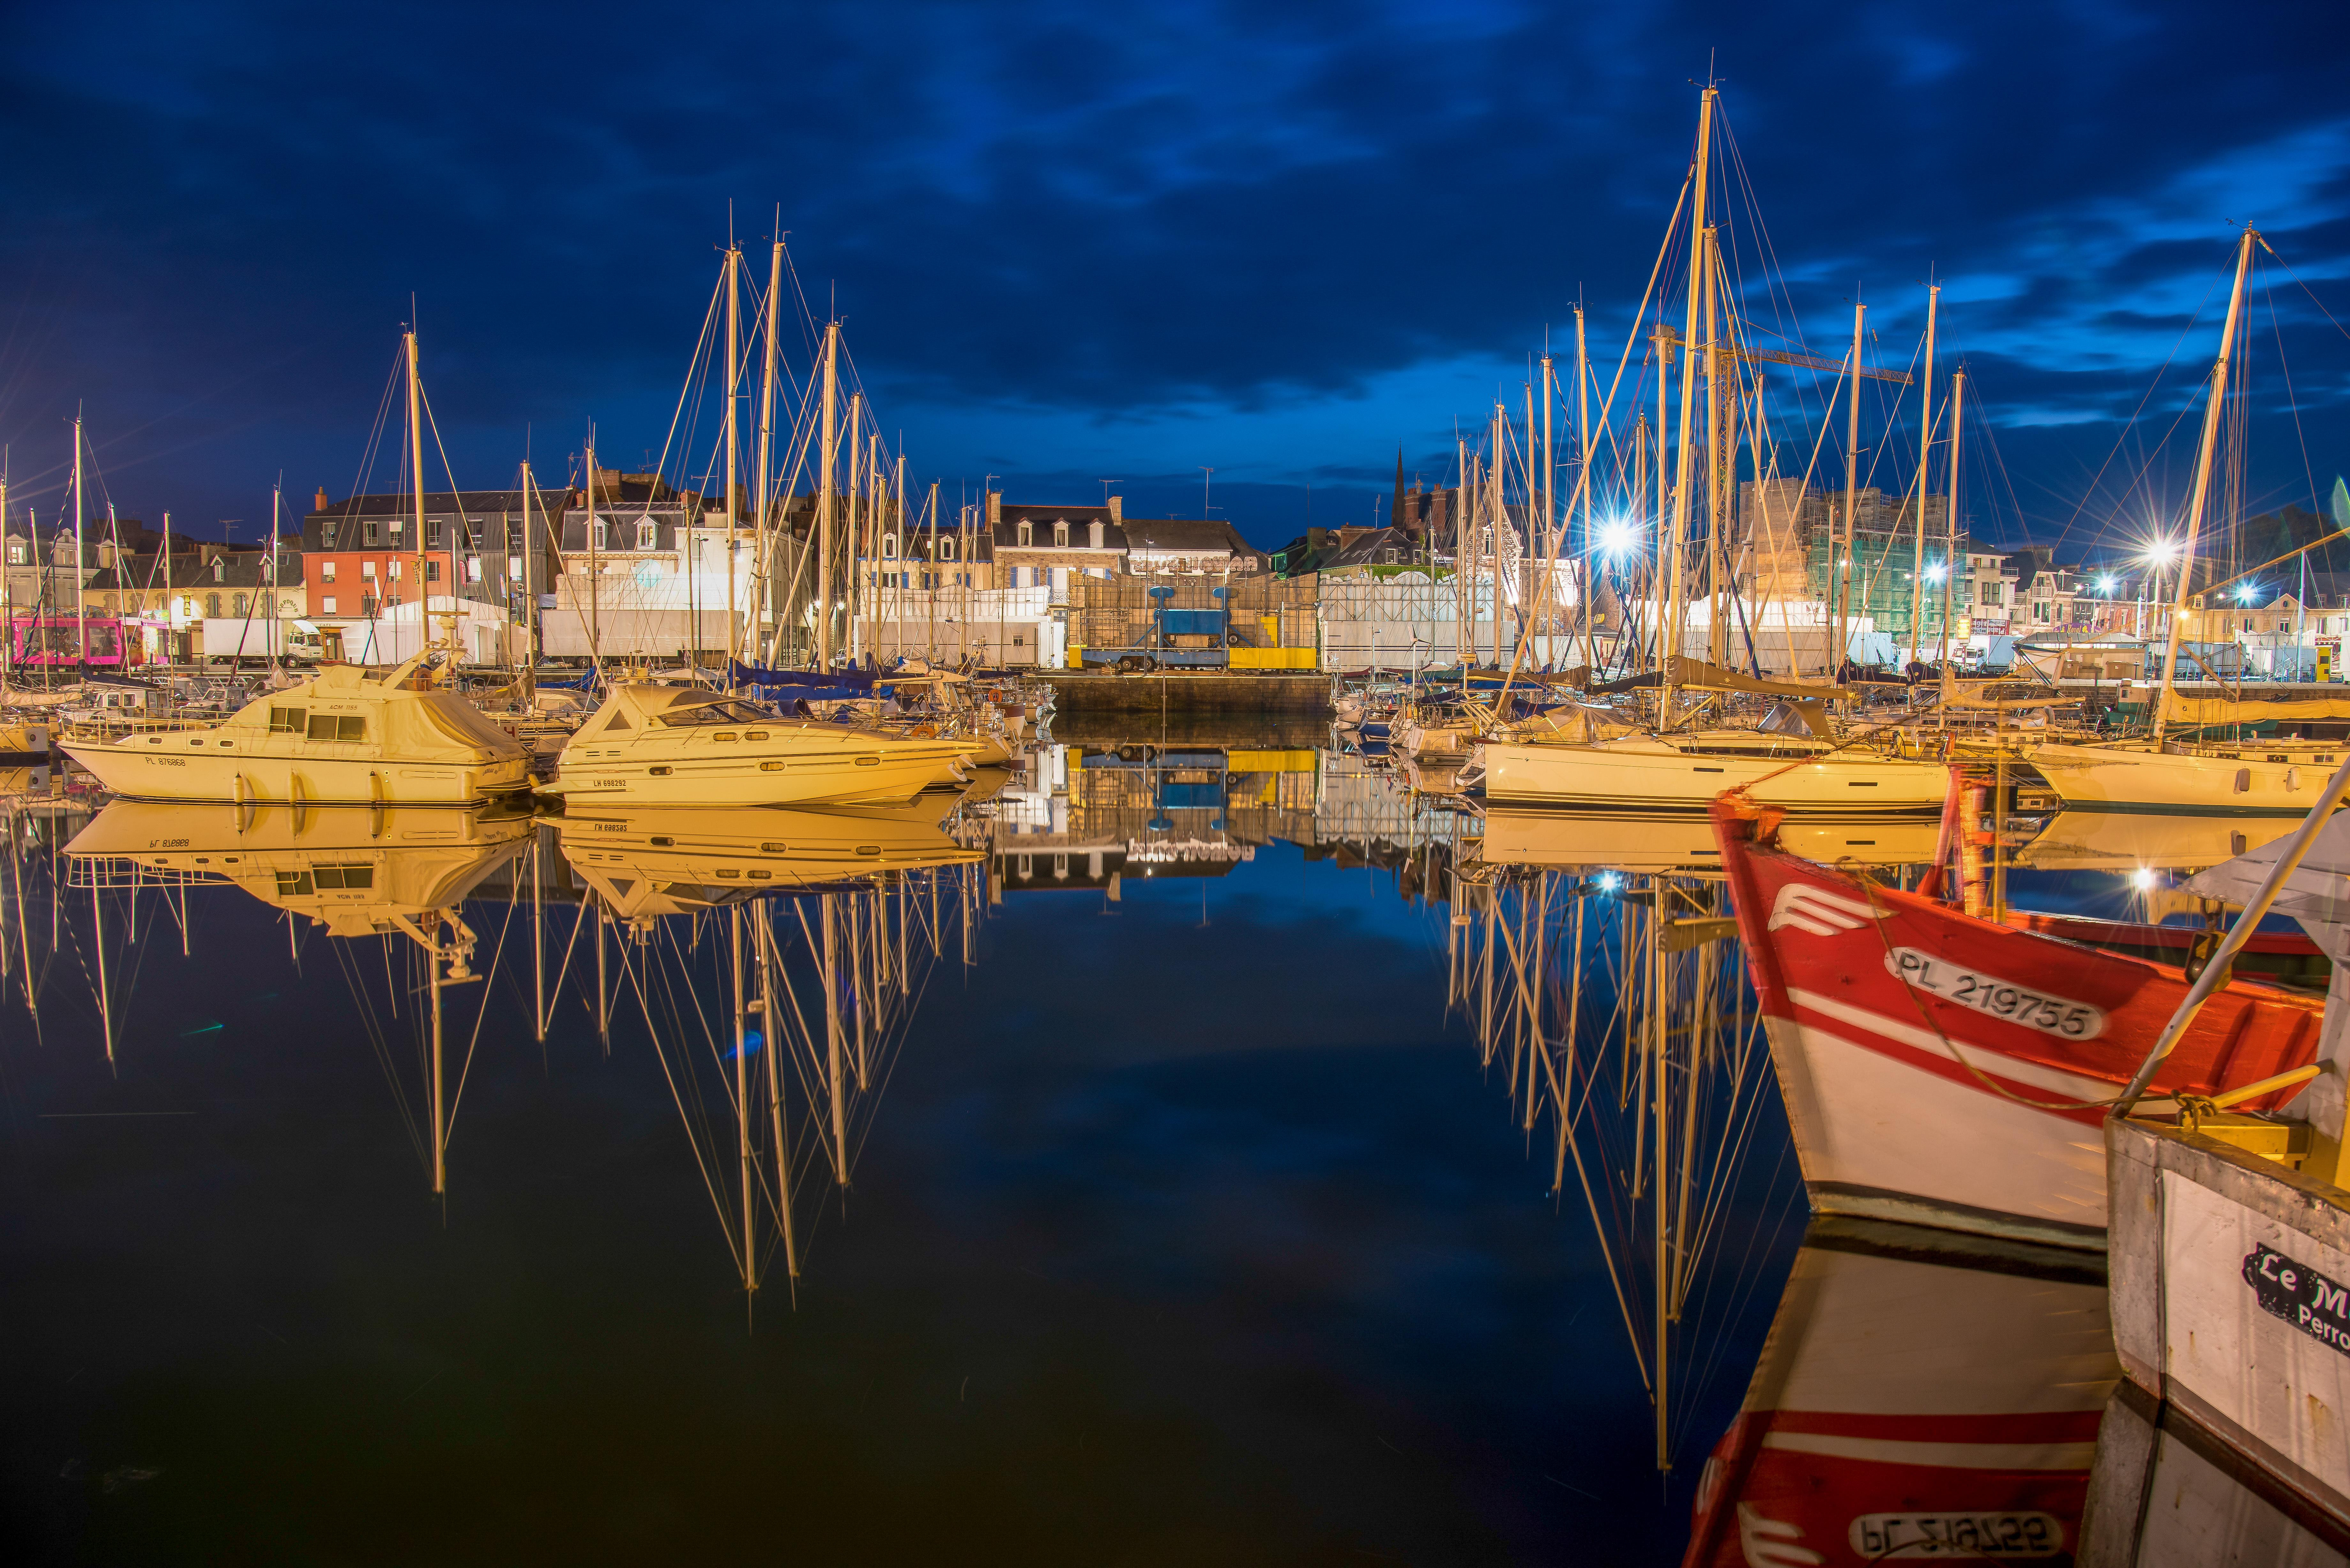 Hafen bei Nacht (1 von 1)